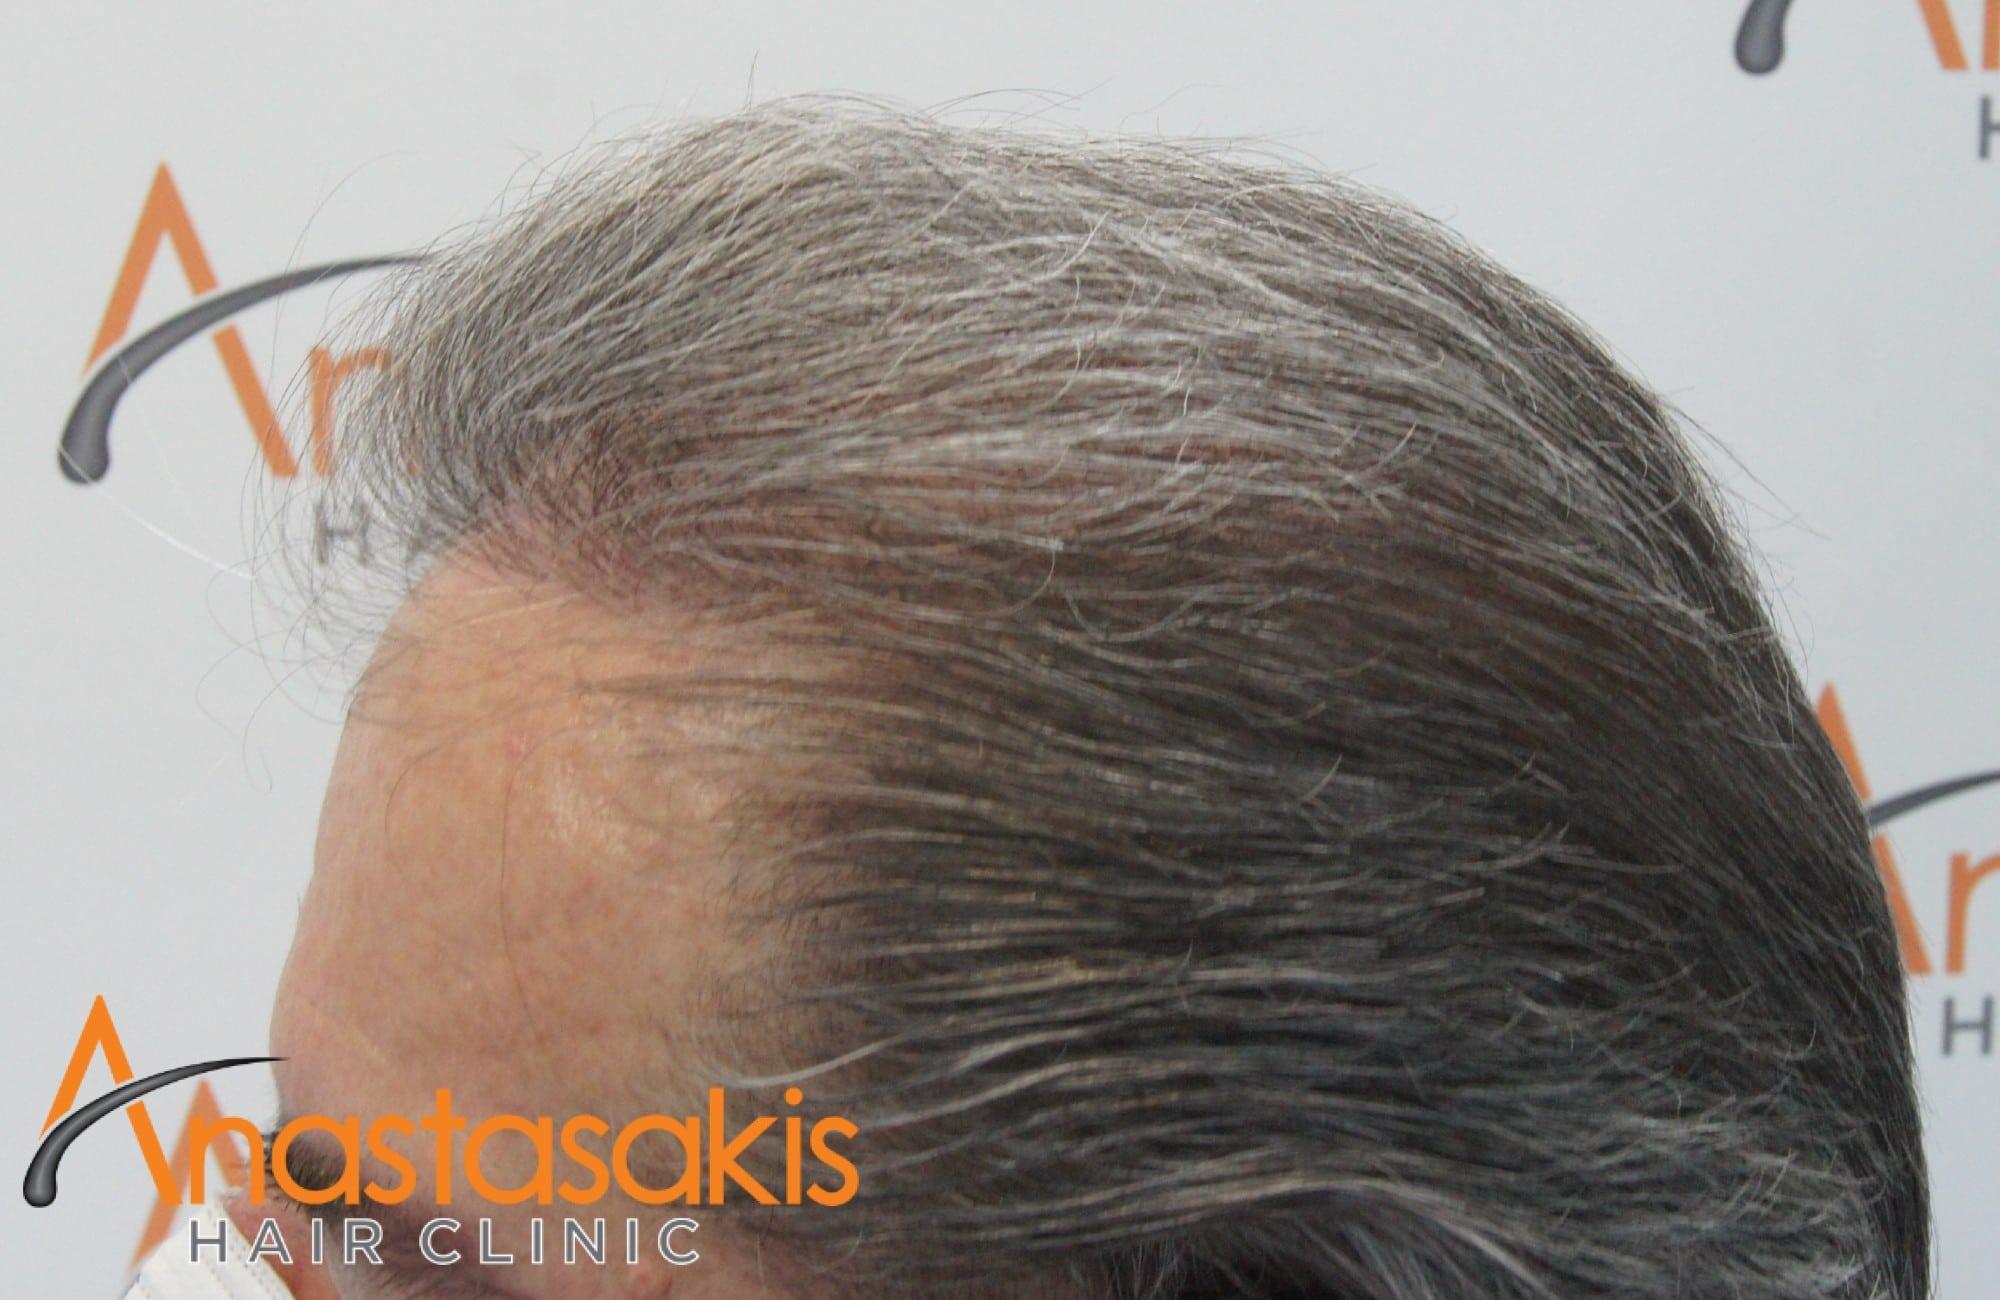 αριστερο προφιλ 10 μηνες μετα τη μεταμοσχευση μαλλιων με 4008 fus